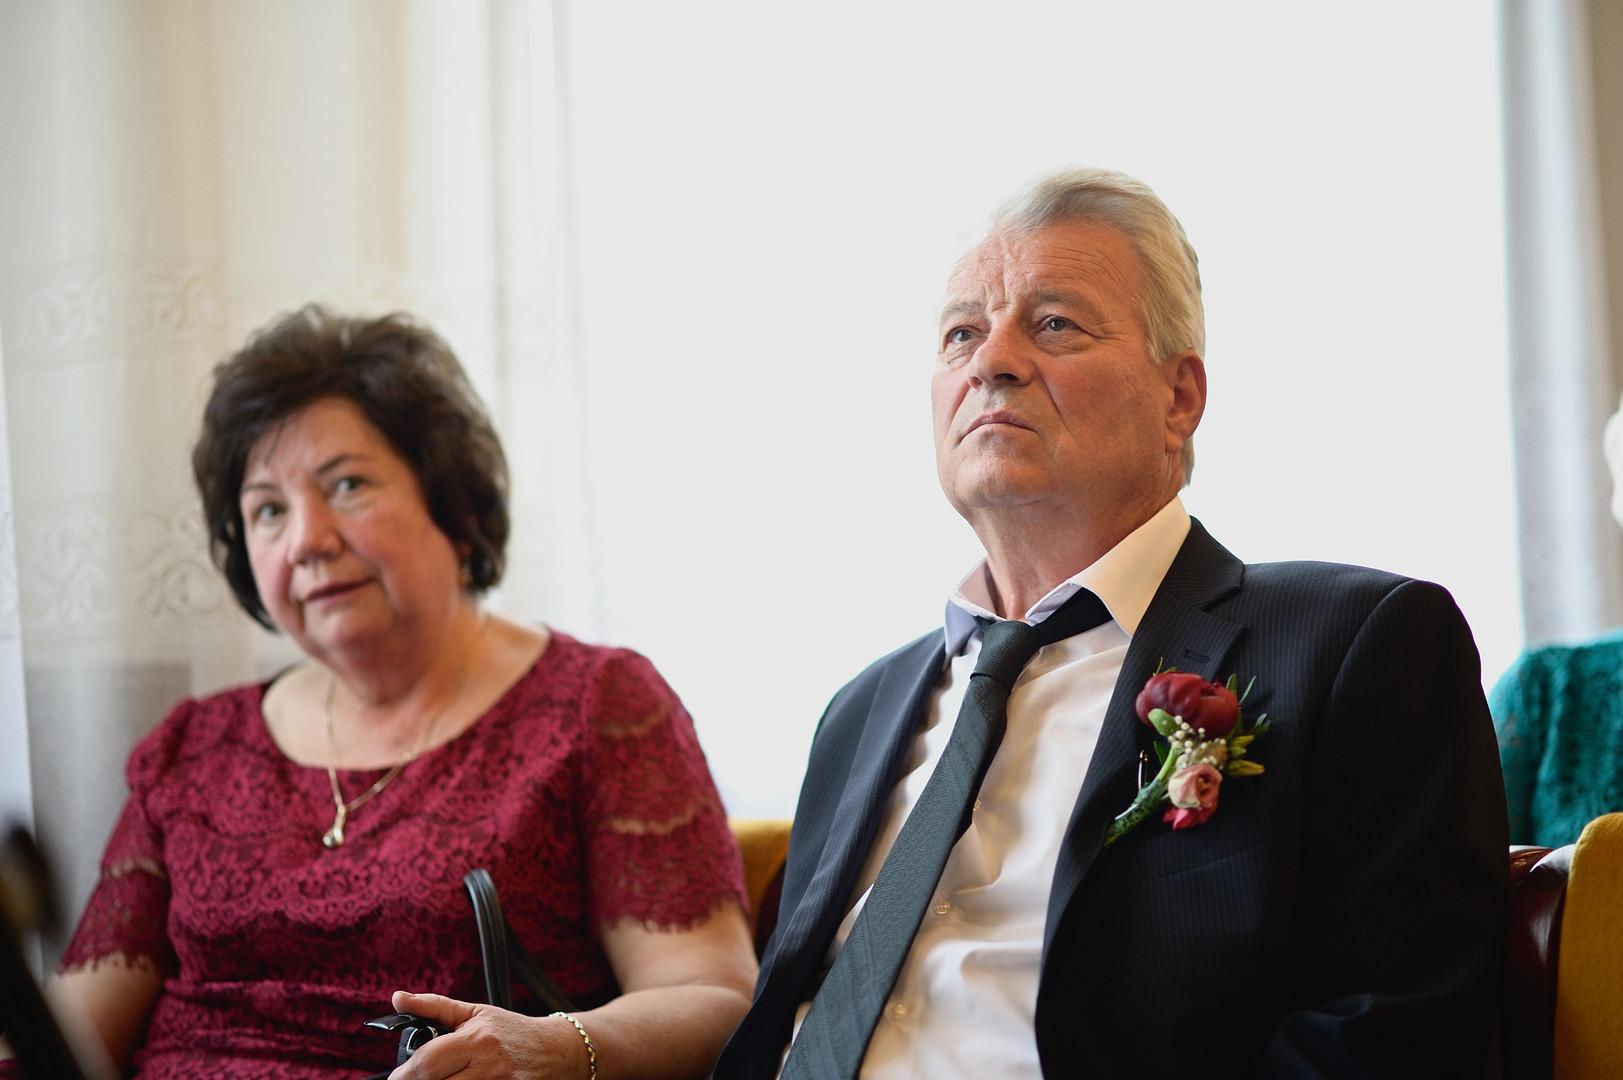 017 Esküvői fotózás - Enikő és Peti.jpg